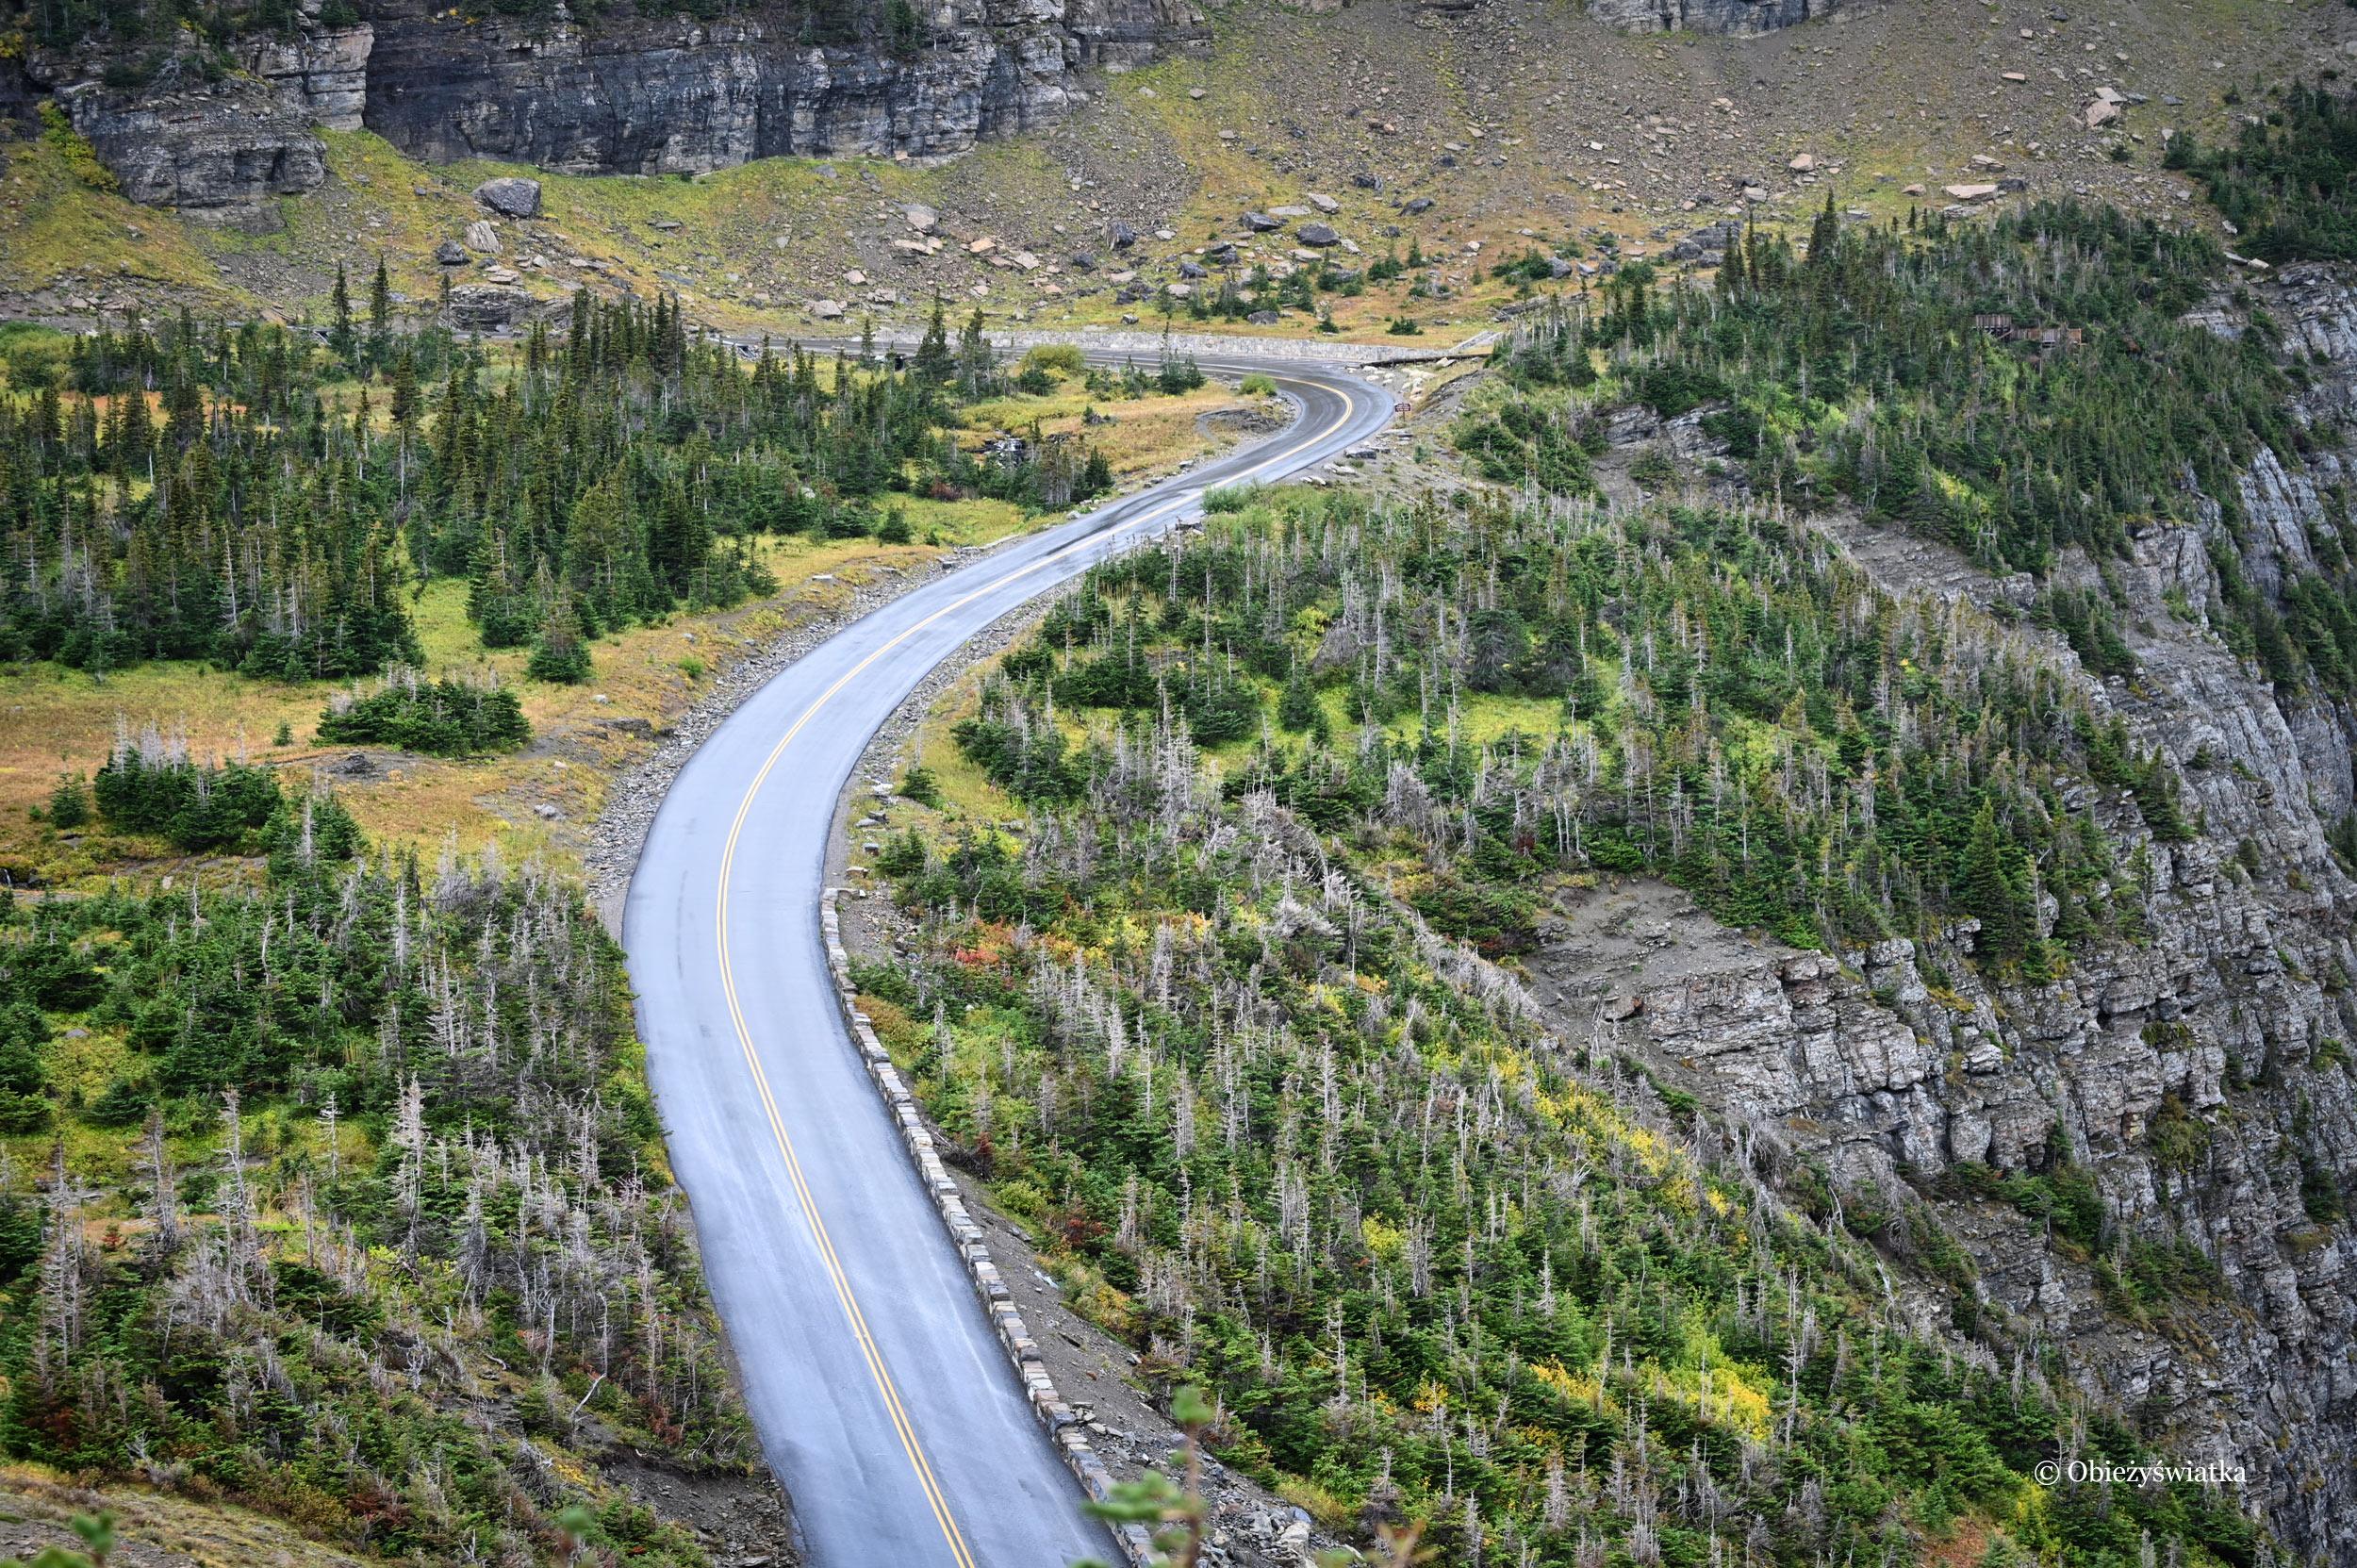 Going to the Sun Road na przełęczy Logana, Montana